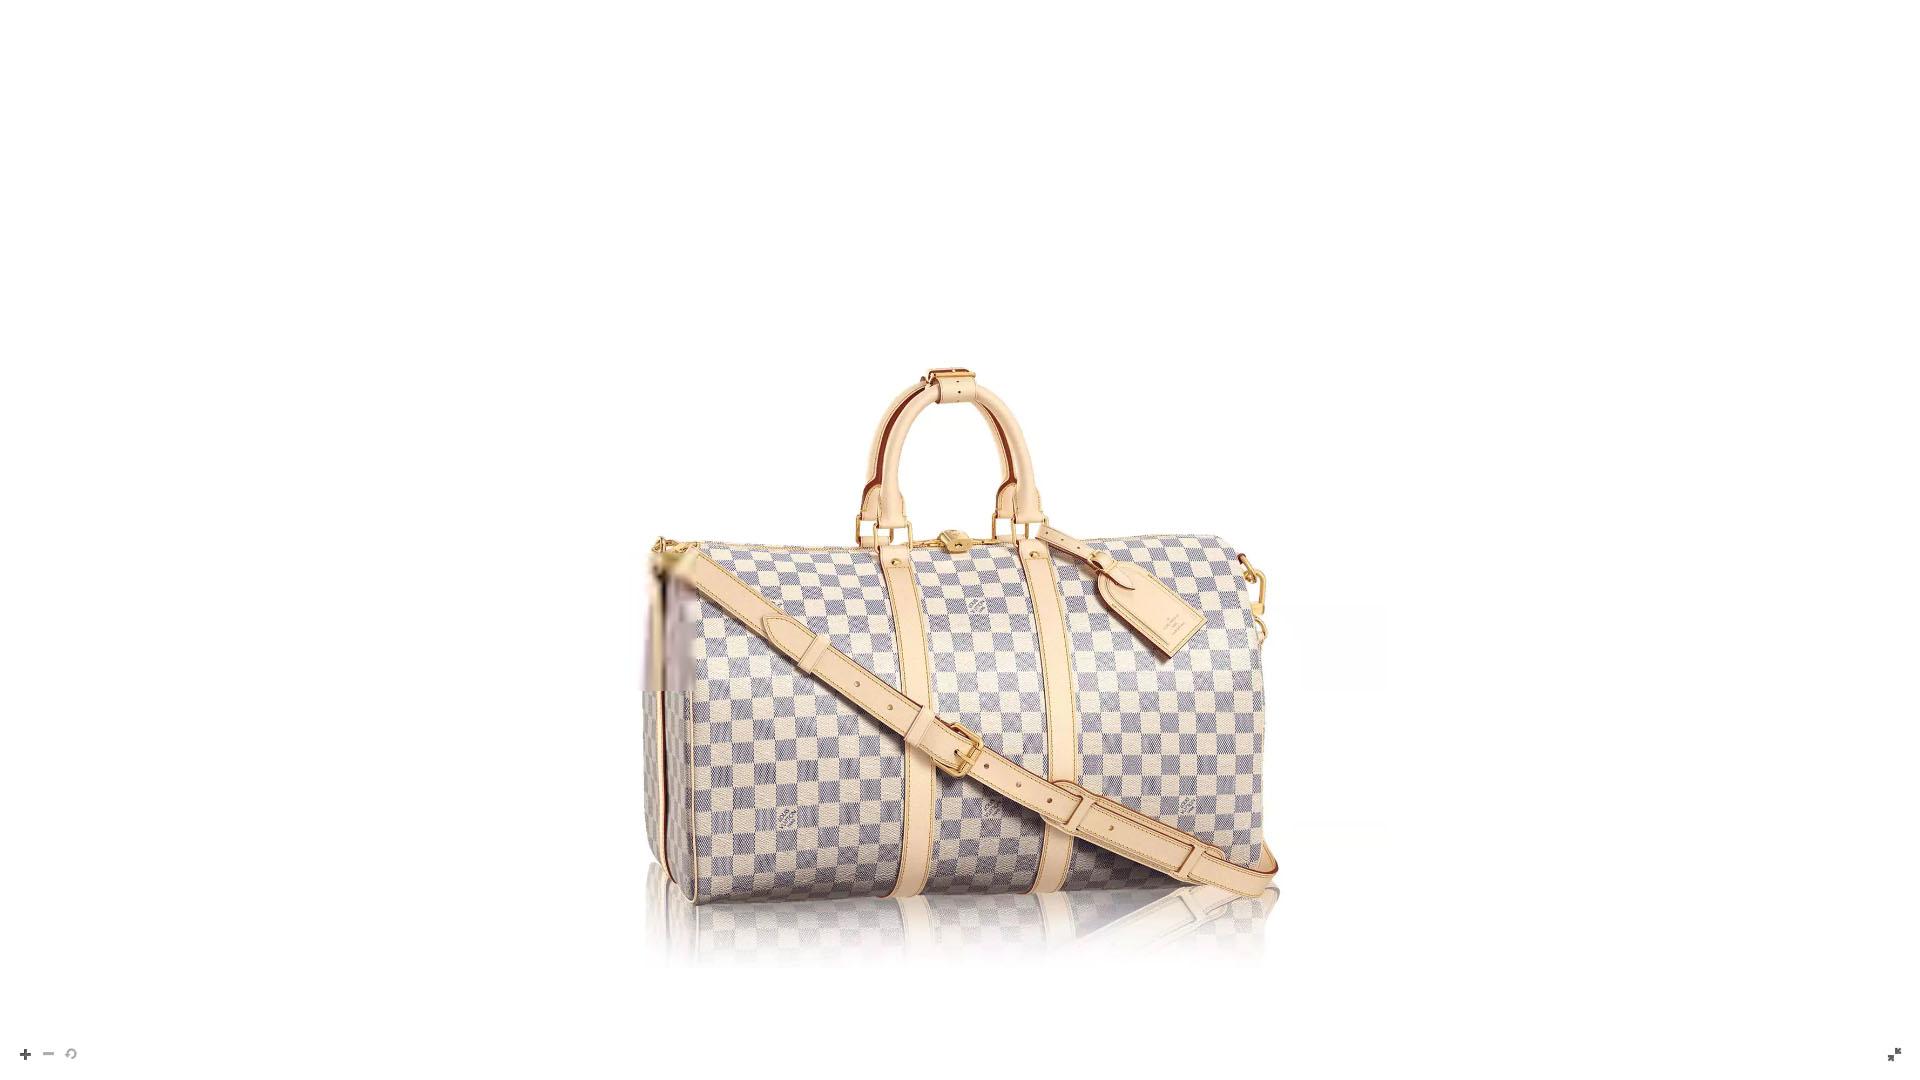 El bolso de viaje Keepall en su versión de 45′ con correa y tarjeta de identidad con lienzo de Damier en blanco, gris y off white. Este modelo se destaca por la combinación entre la elegancia y sofisticación para un viaje de ensueño.